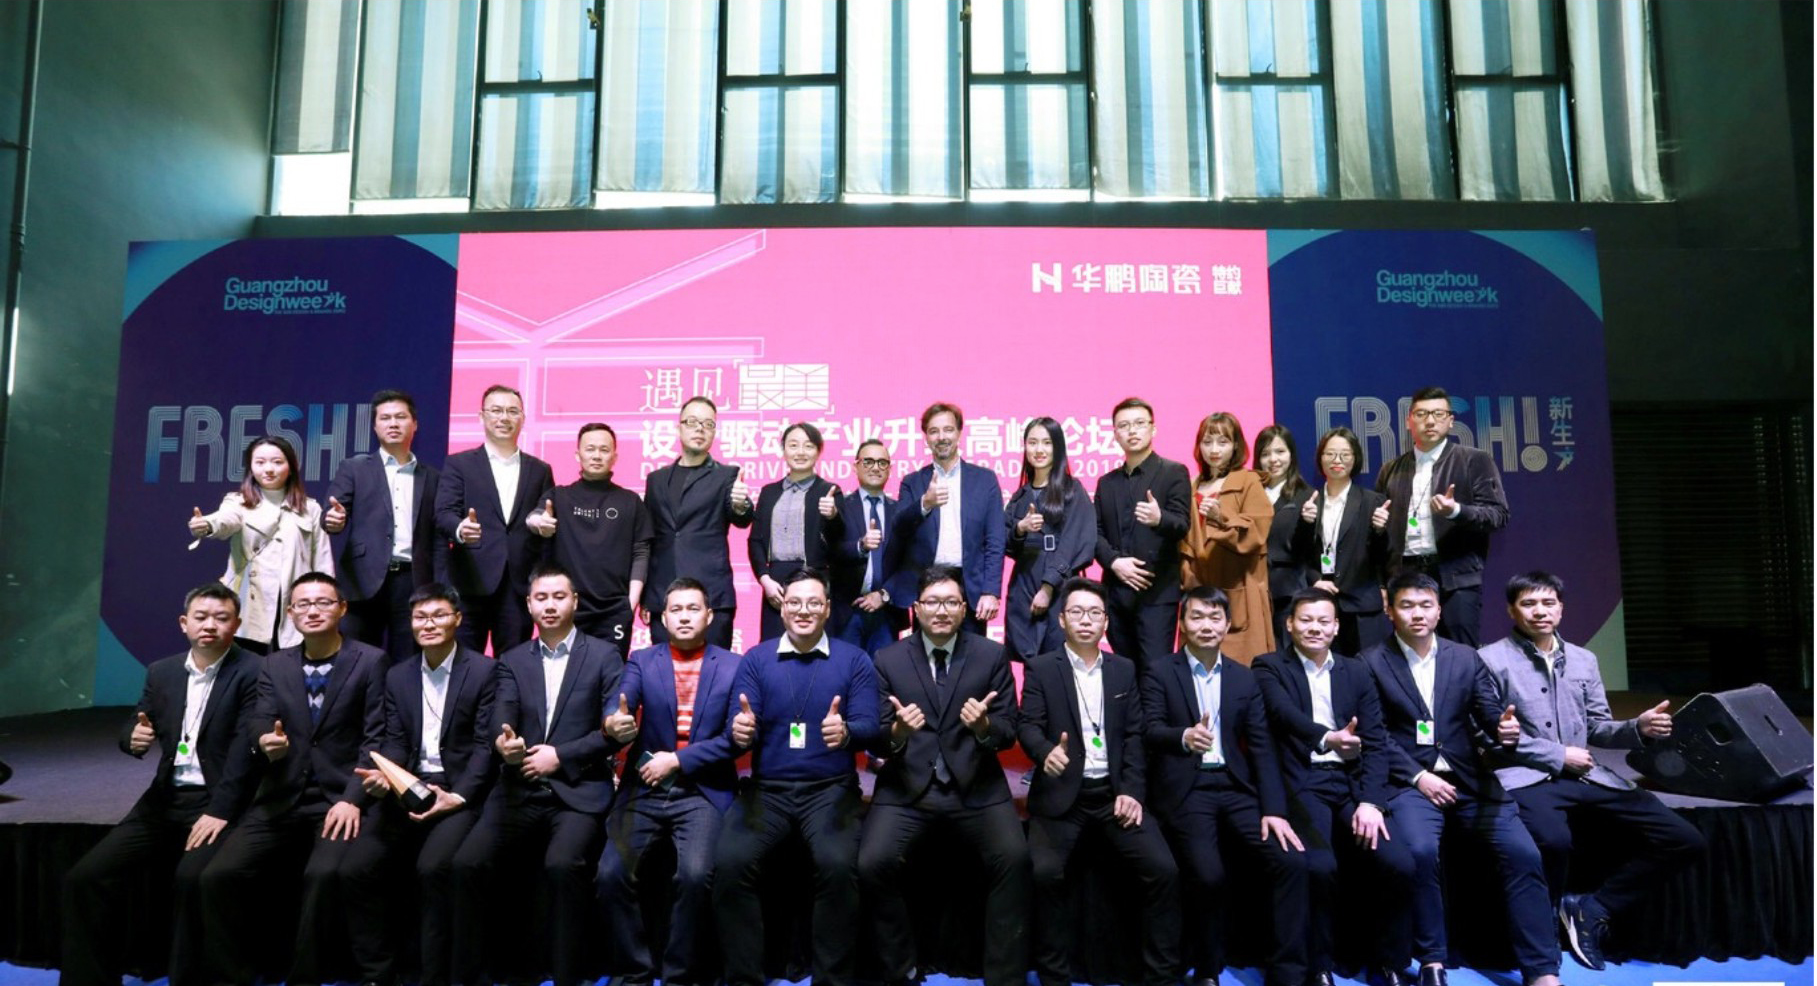 『遇见』最美-设计驱动产业升级高峰论坛暨2019最美瓷砖设计奖成果发布礼